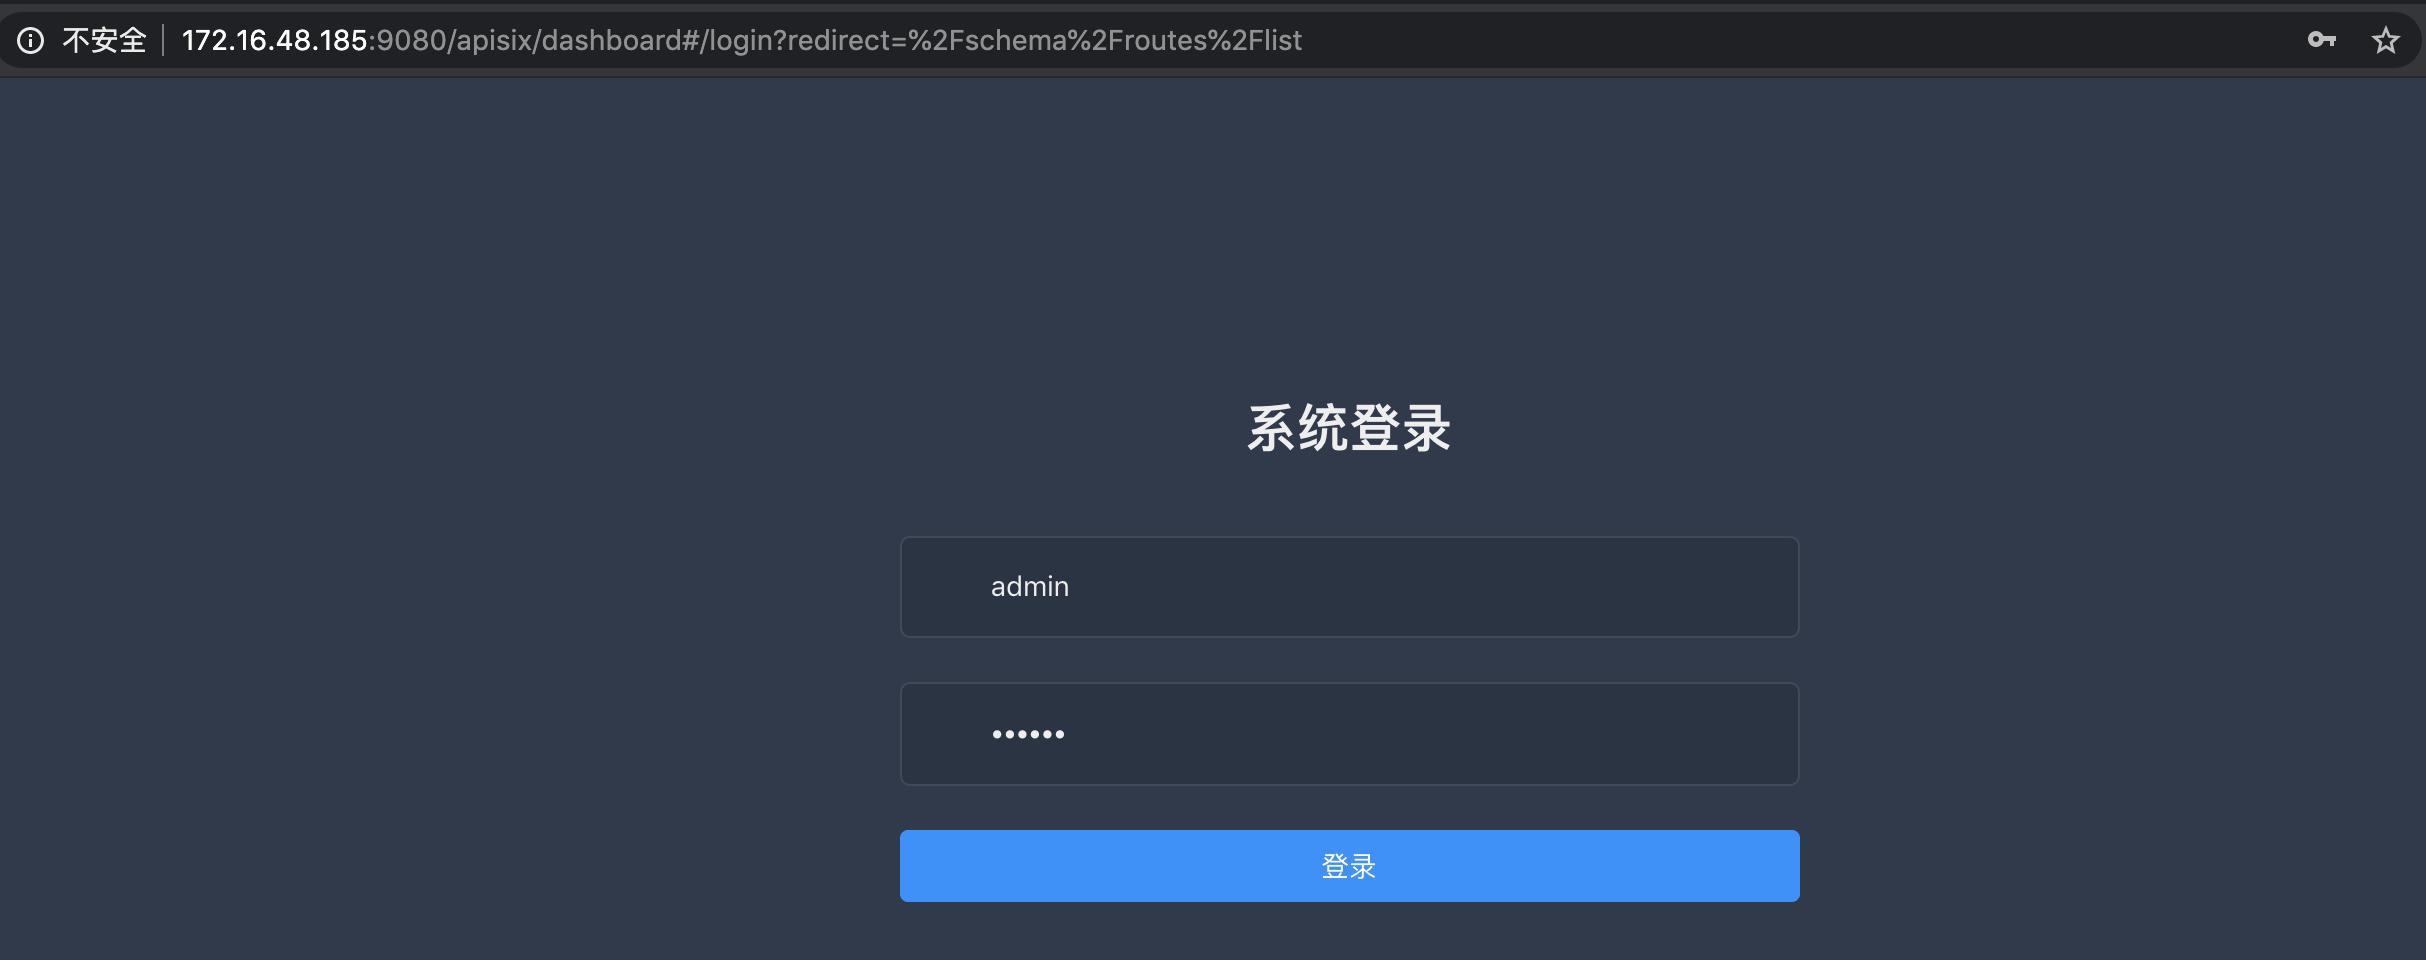 APISIX 控制台 - 登录